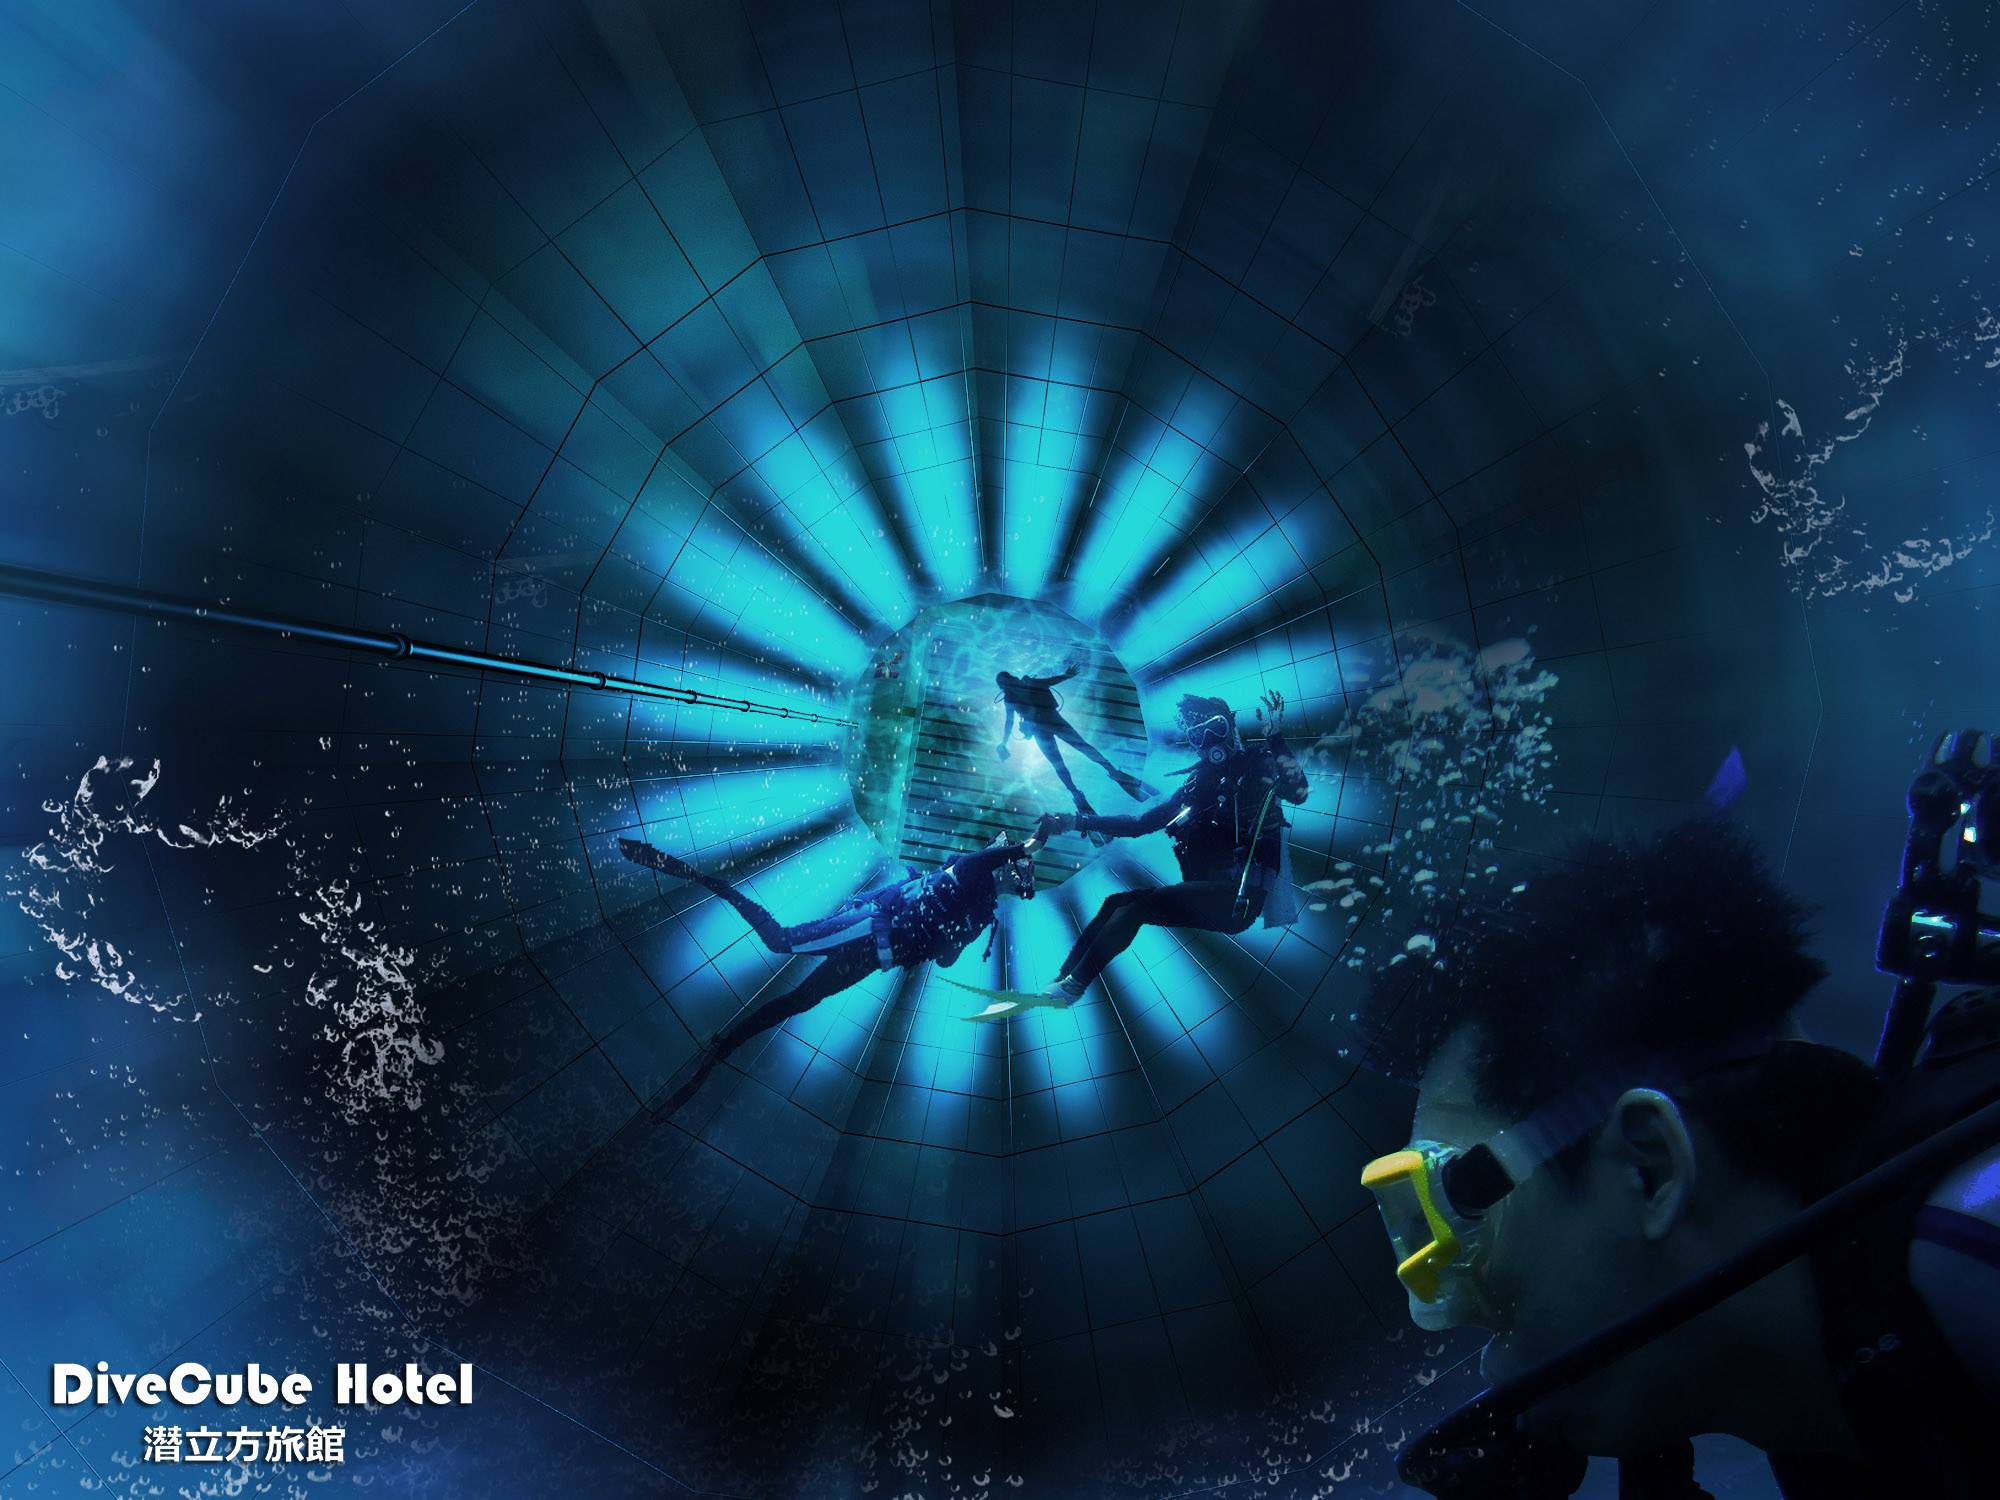 室內也能潛水?亞洲首座「潛水飯店!」到台中「潛立方」體驗深海潛水的悠遊樂趣!